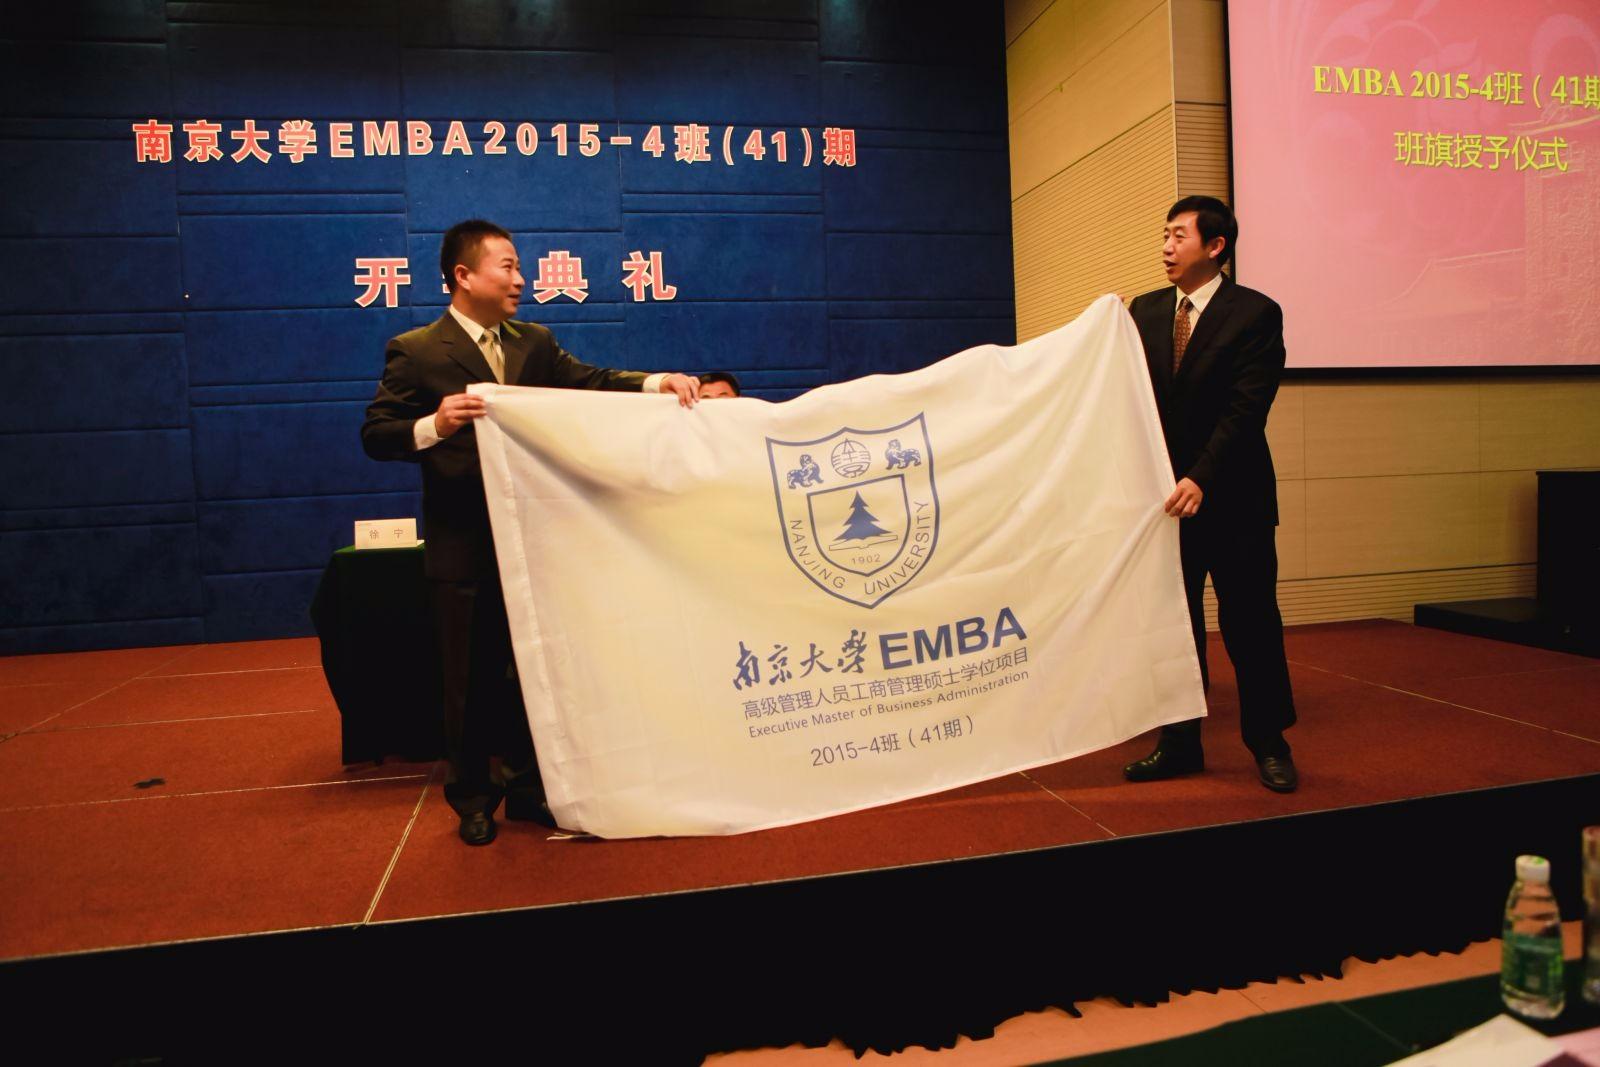 南京大学EMBA第41期班开班典礼